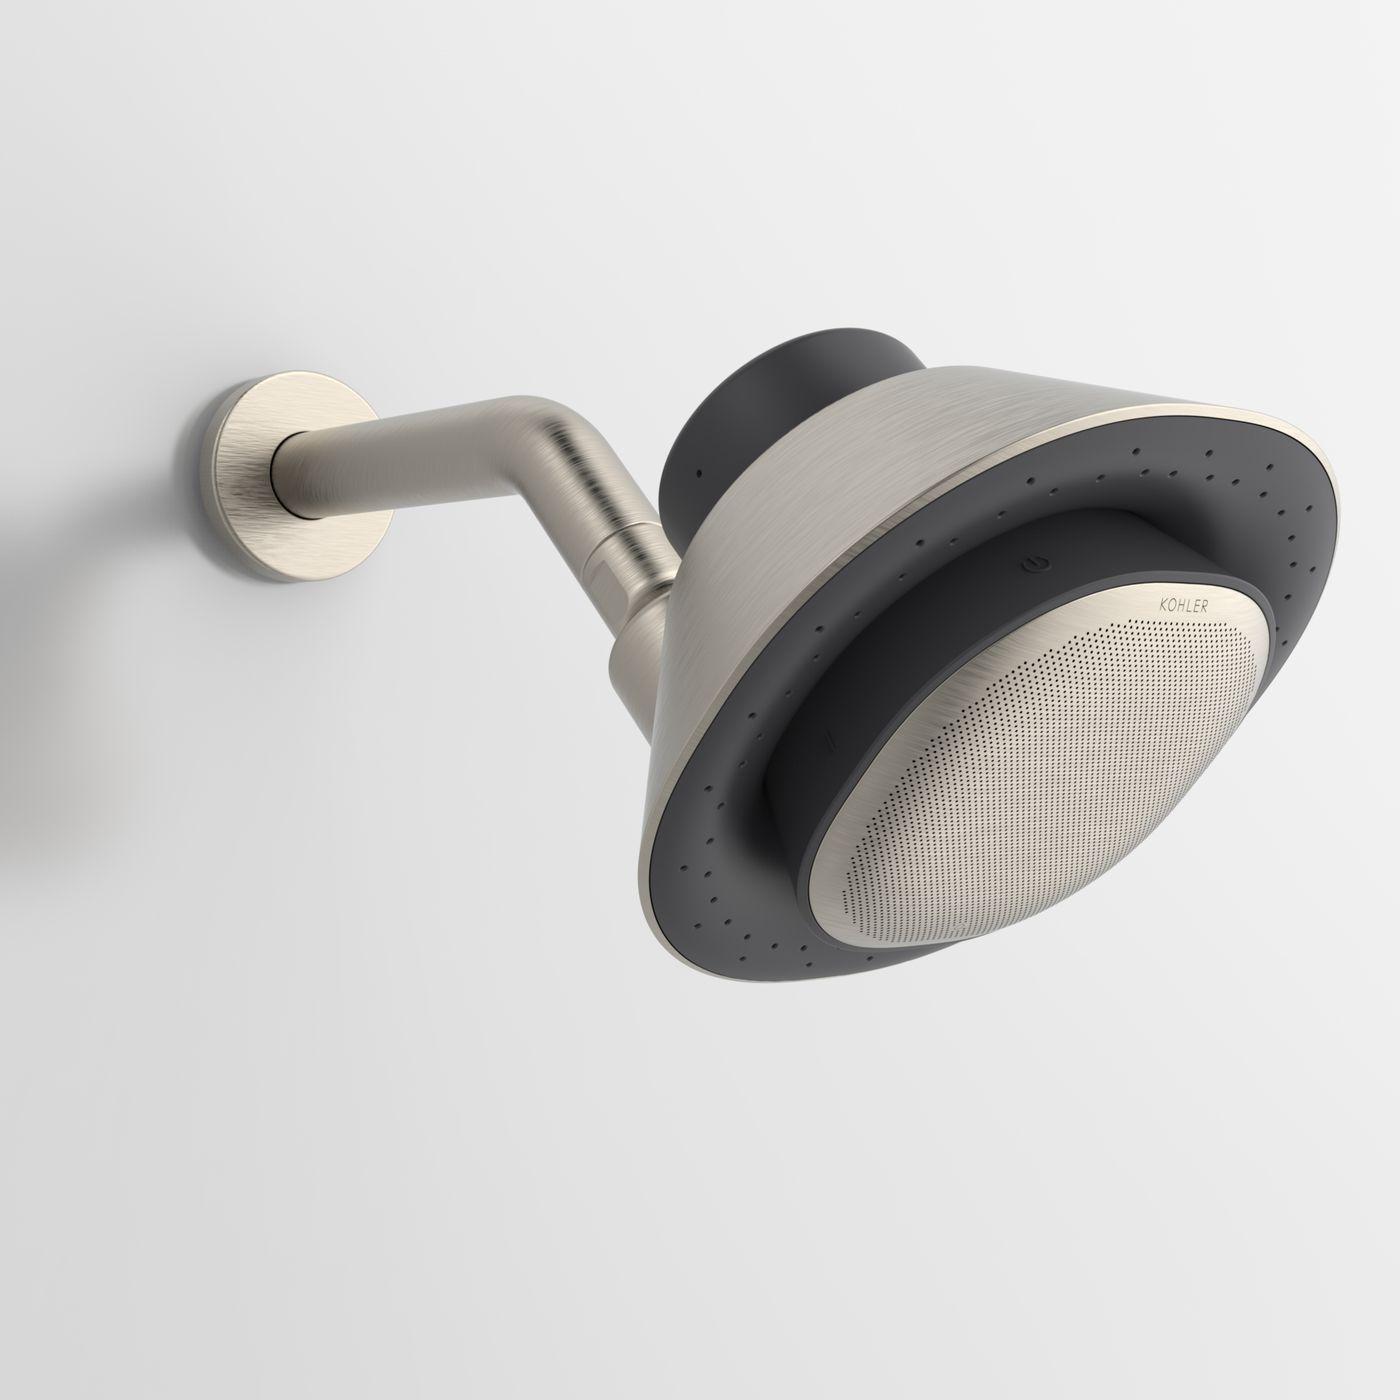 Kohler Puts An Alexa Enabled Smart Speaker In A Showerhead